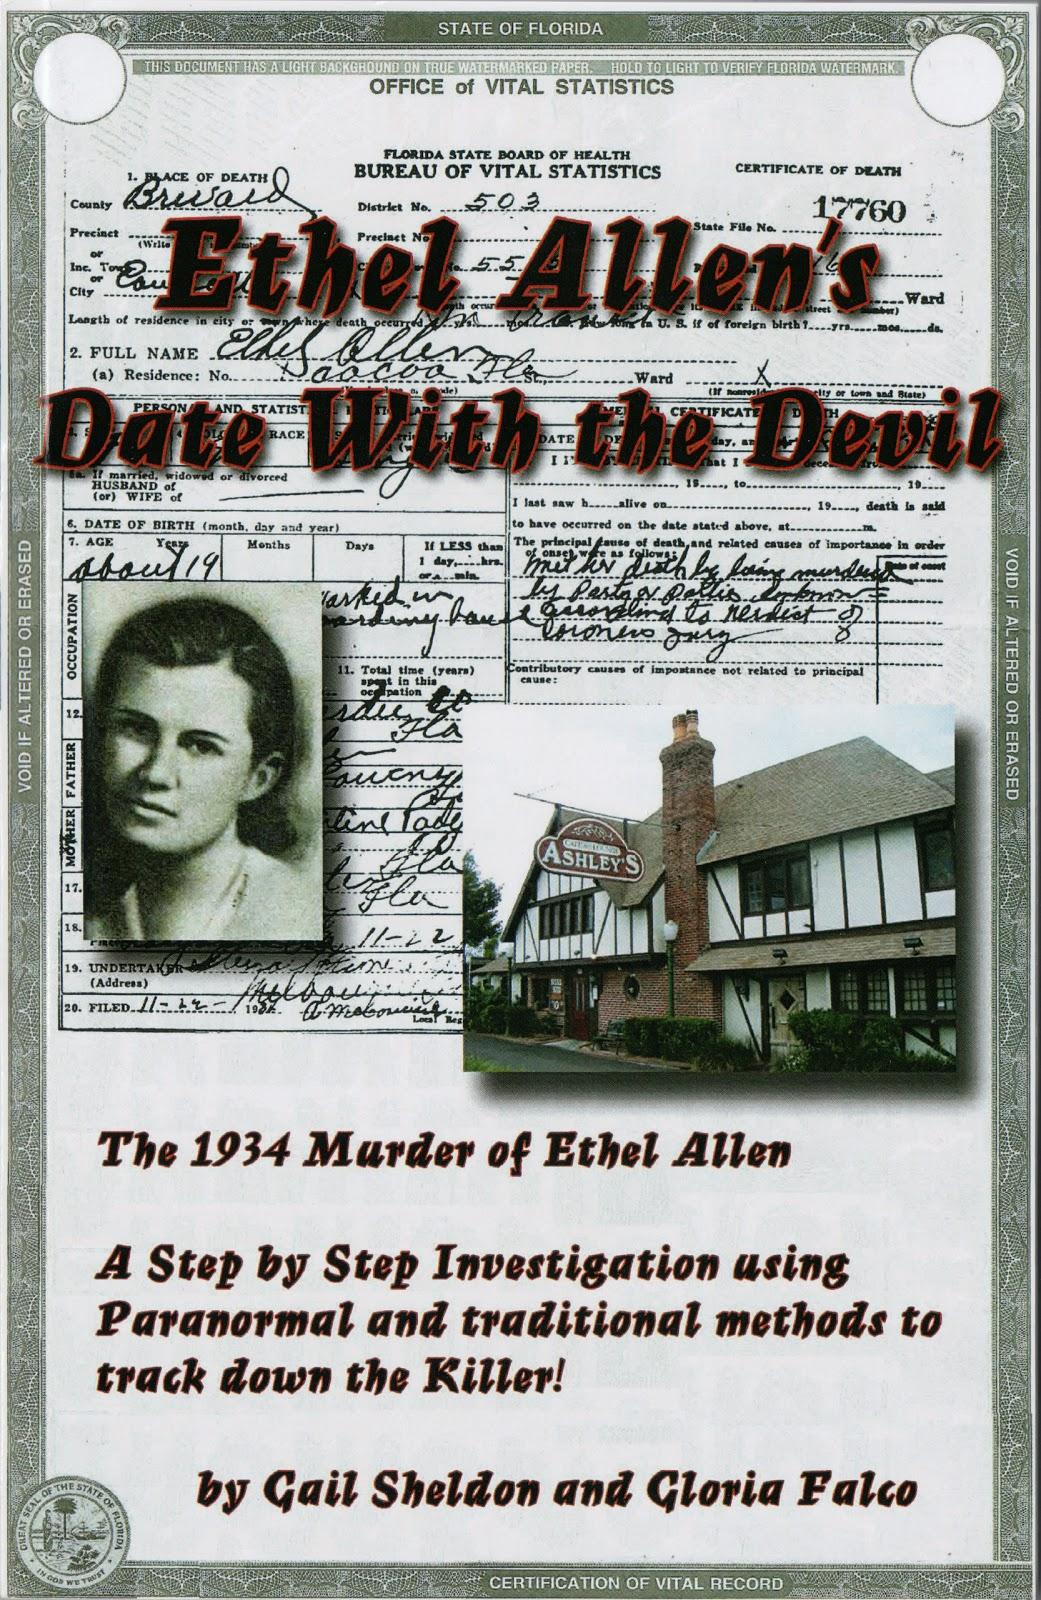 Ethel+Allen+Book+Front+Cover.JPG